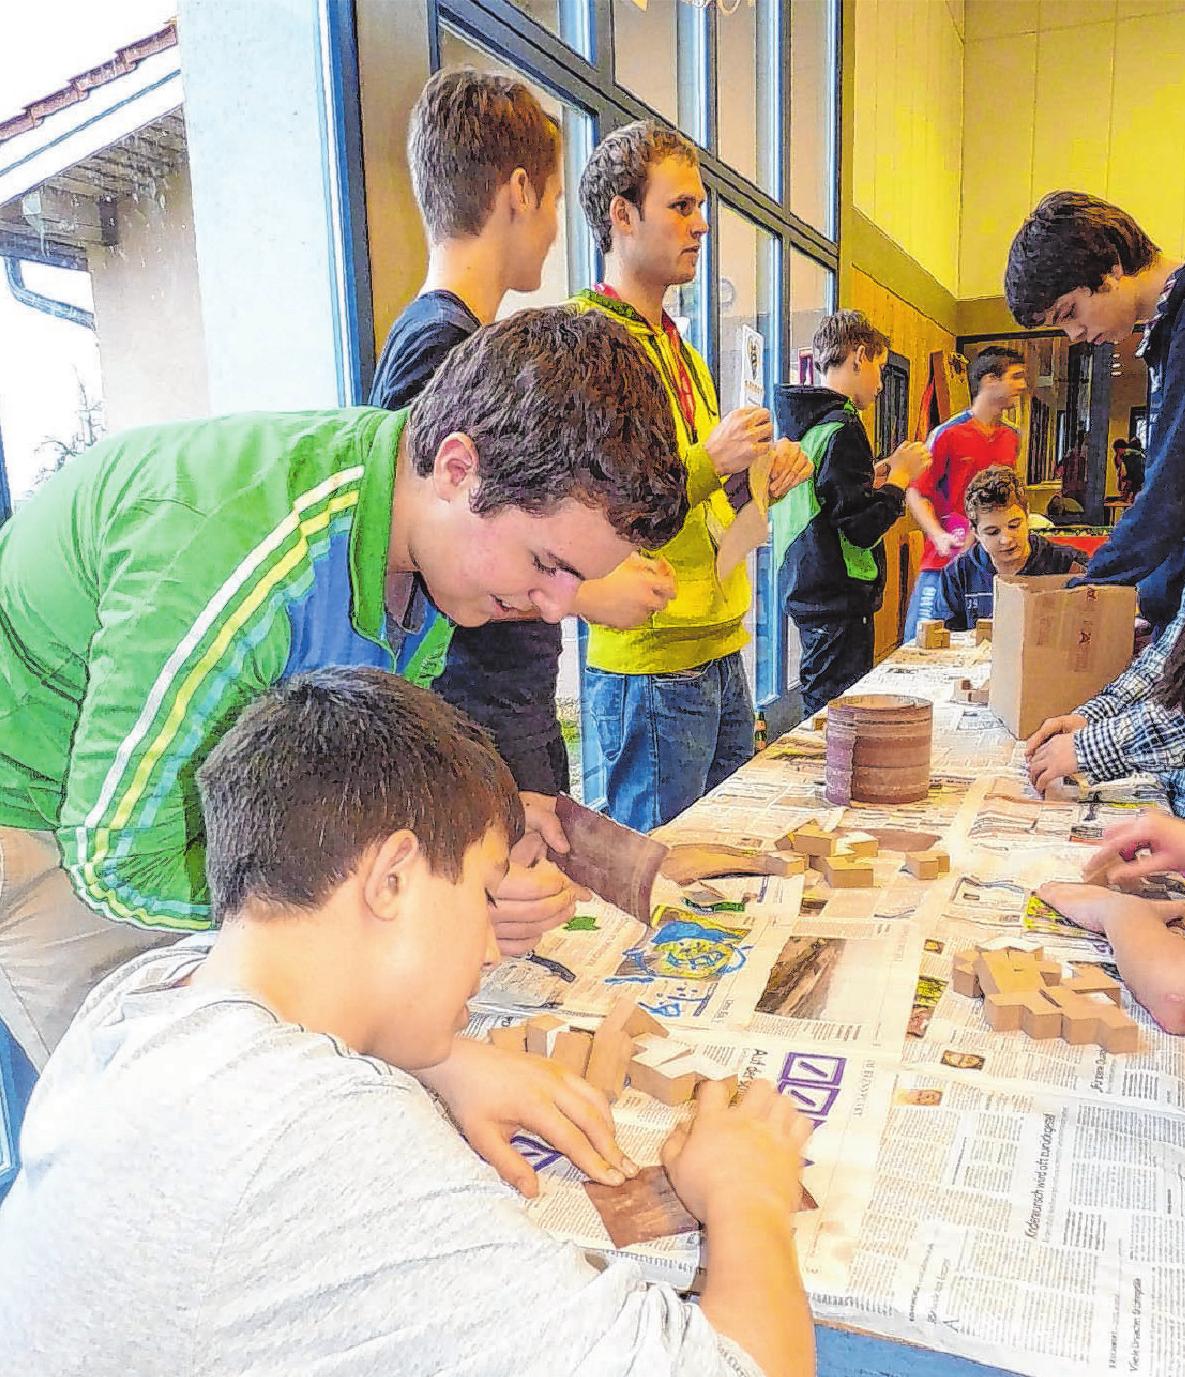 Auch heuer gibt es eine Jugendfreizeit in Bühlenhausen. Foto: Eva Menner